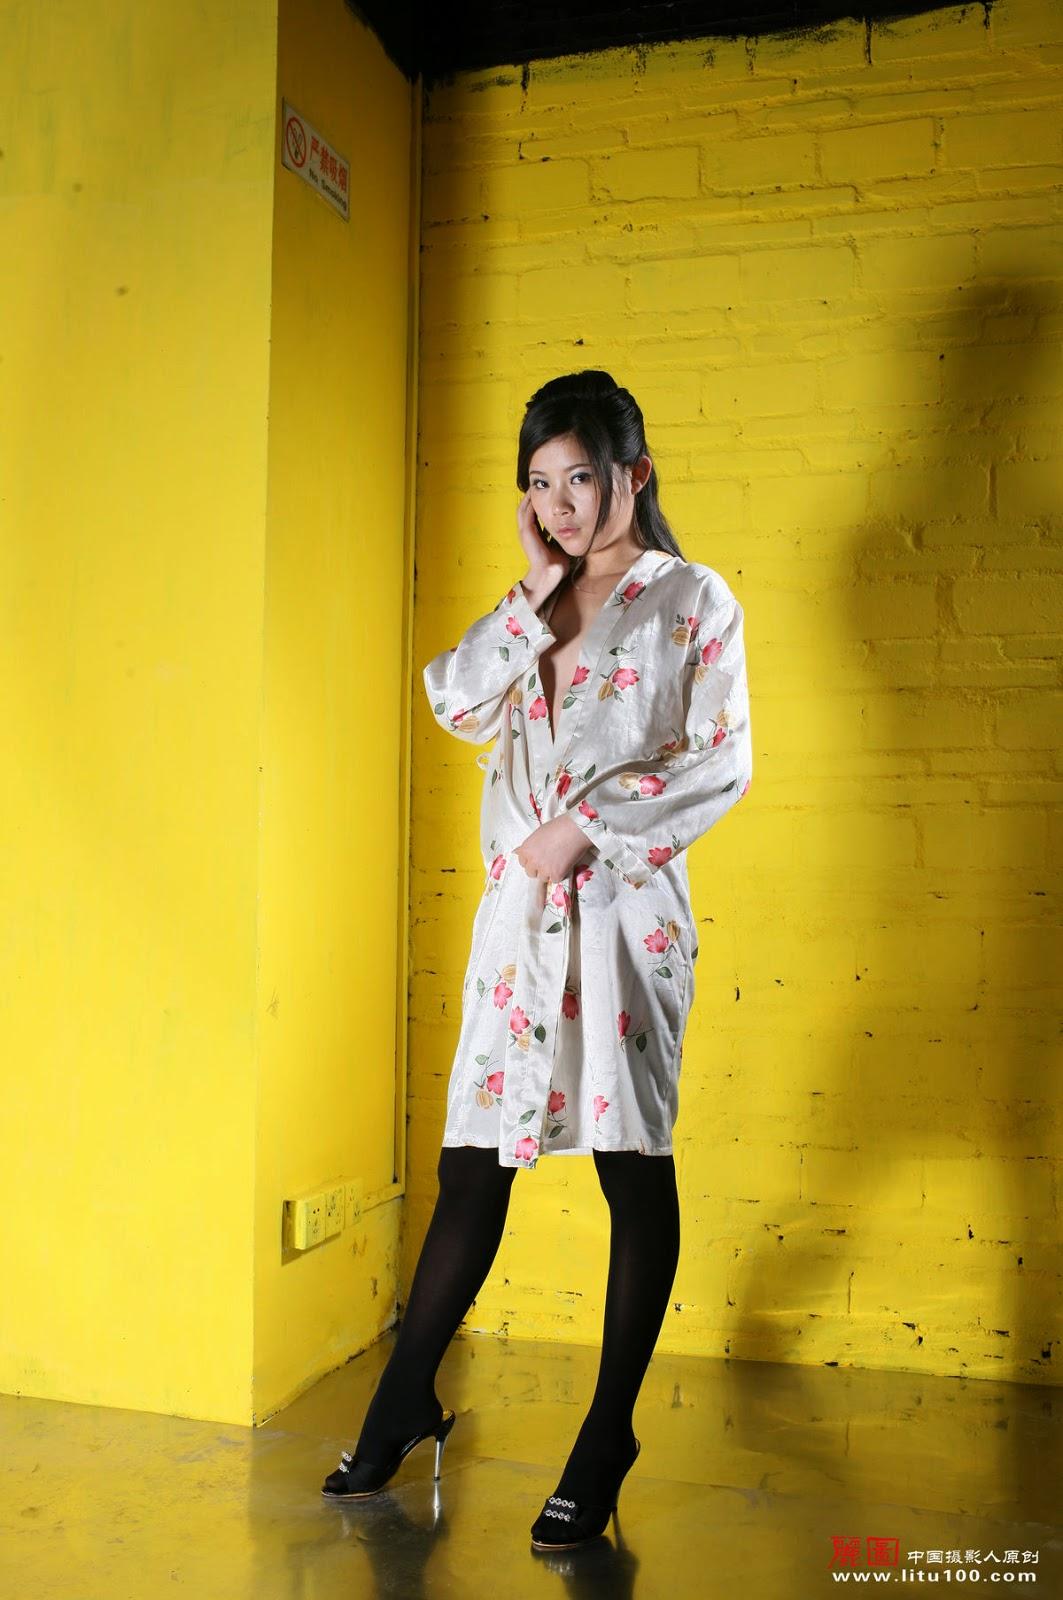 Chinese Nude Model Jiang Wen Wen [Litu100